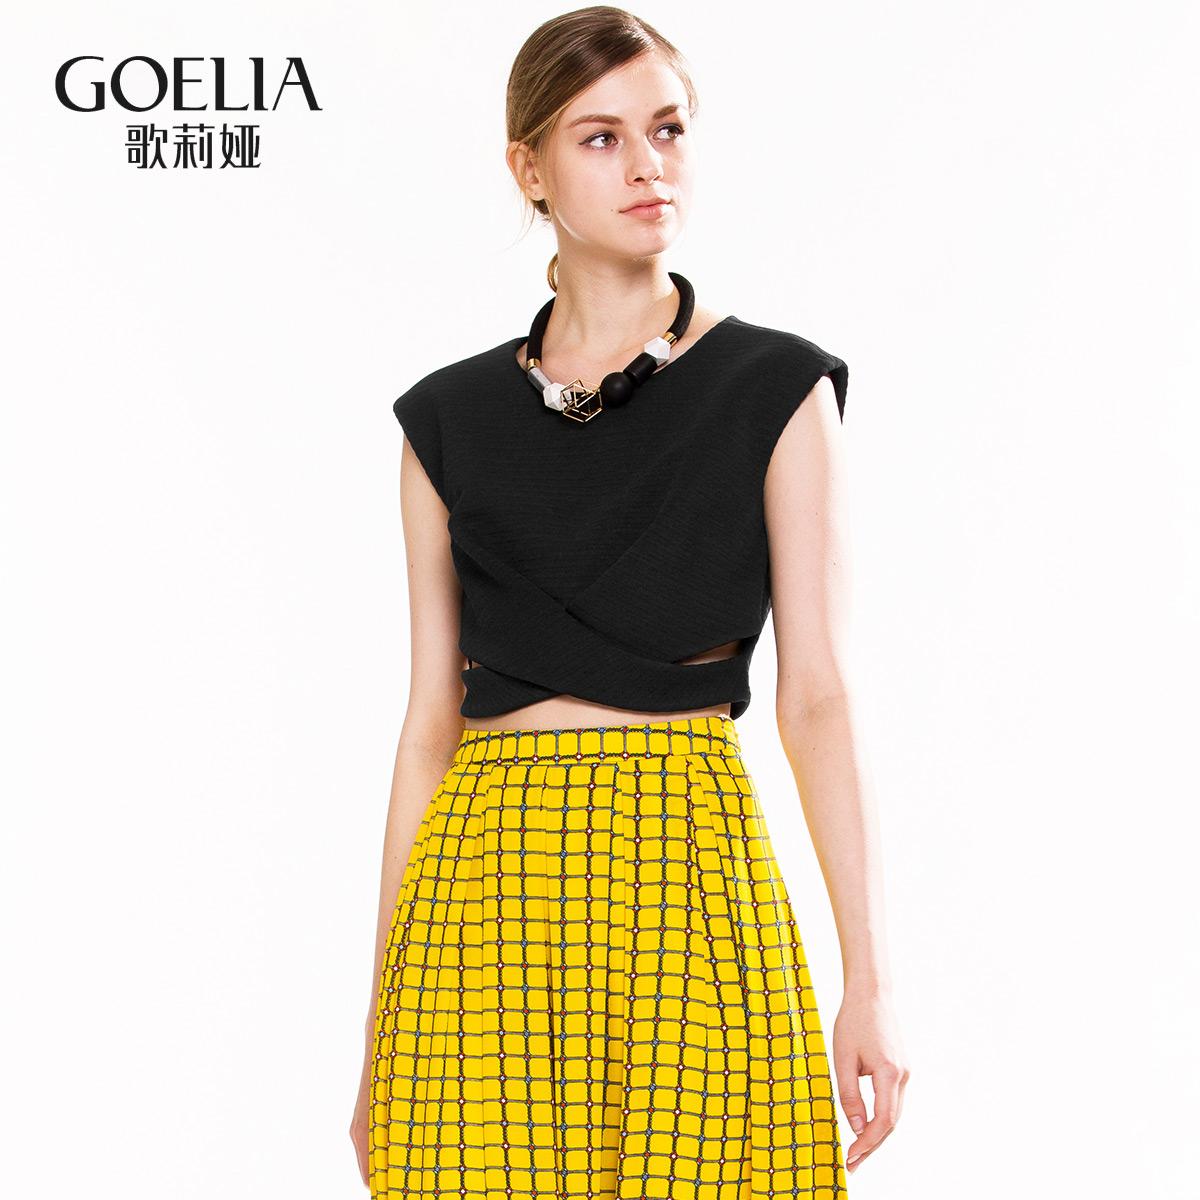 歌莉娅女装 GLORIA歌莉娅女装  无袖镂空修身背心短装上衣163E0A020_推荐淘宝好看的歌莉娅